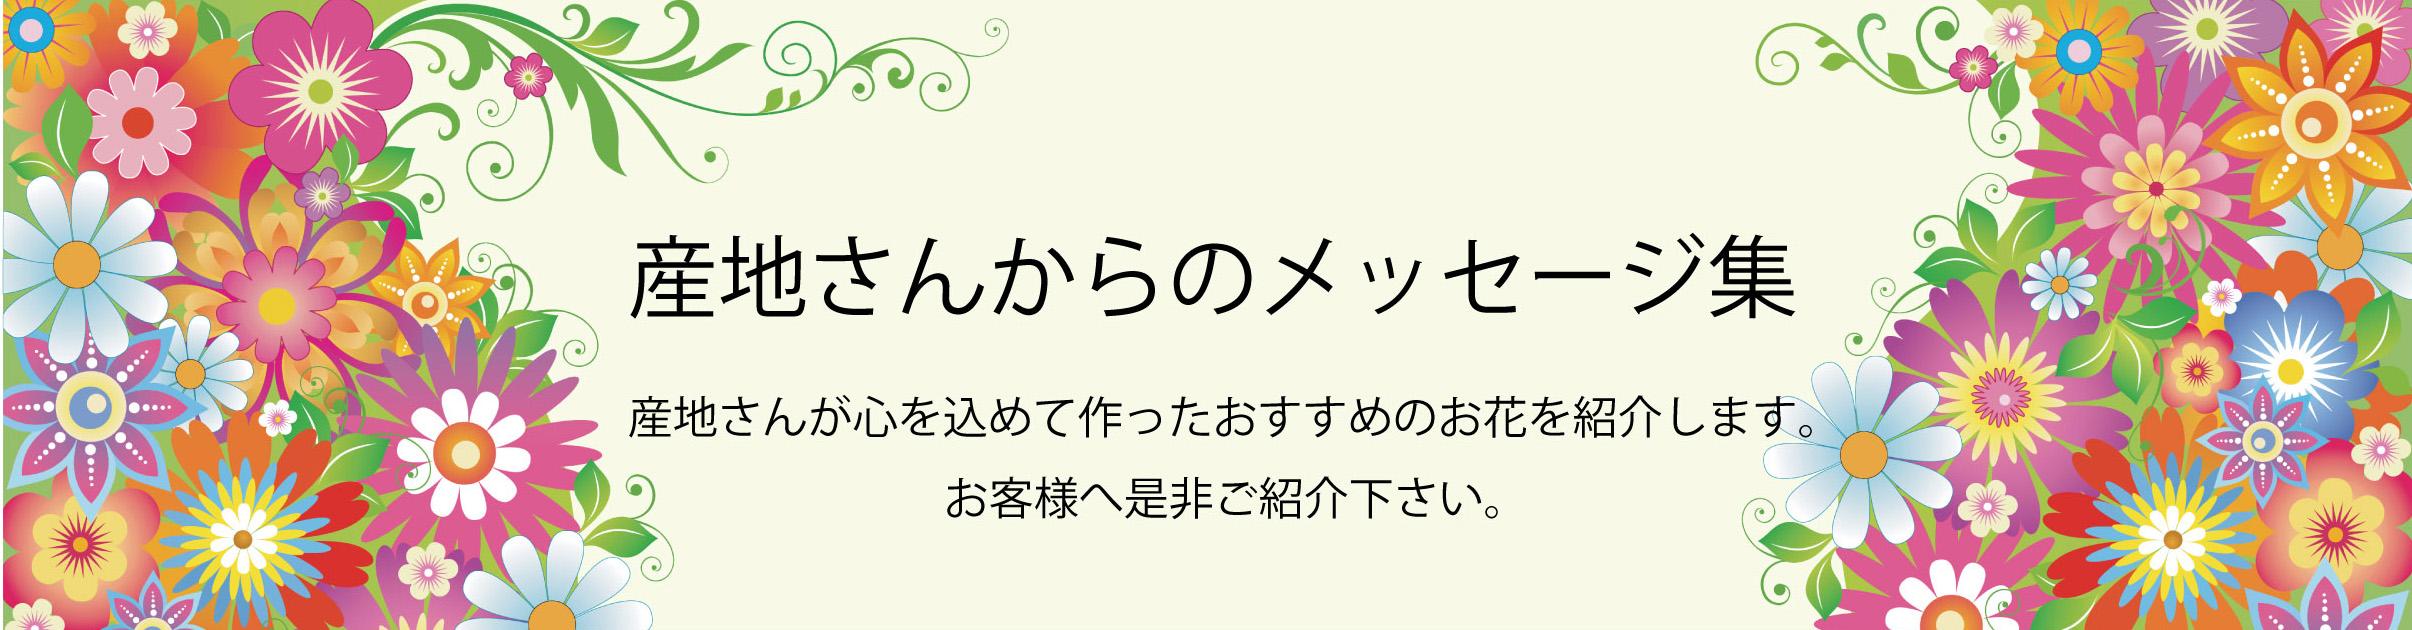 産地紹介ページ